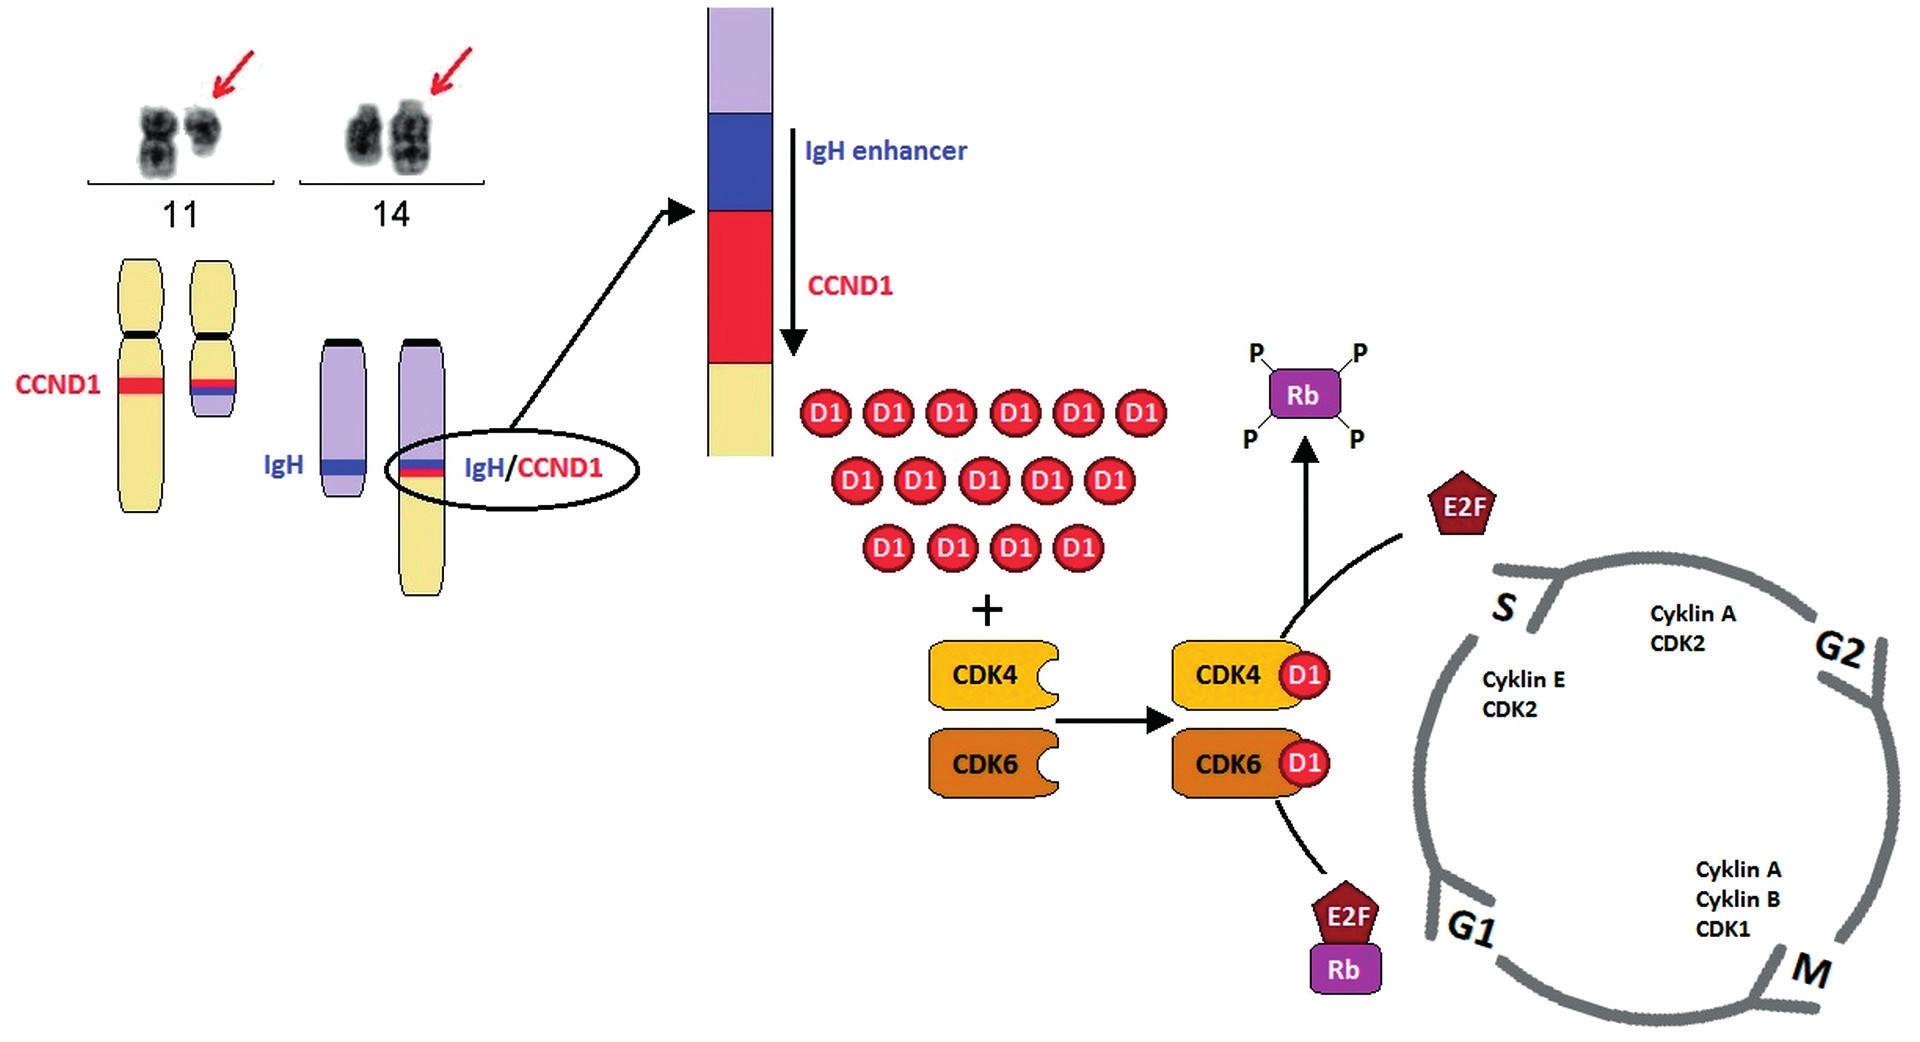 Schéma t(11;14)(q13;q32) a její vliv na patogenezi MCL Translokace t(11;14)(q13;q32) vede k tvorbě derivovaného chromozomu 11, který je výrazně kratší než normální chromozom 11, a derivovaného chromozomu 14, který je naopak výrazně delší.  V důsledku translokace dochází k přemístění genu CCND1 na chromozomu 11 v pruhu q13 pod zesilovač transkripce těžkých řetězců imunoglobulinových genů (IgH) na chromozom 14 v pruhu q32. Na derivovaném chromozomu 14 vzniká fuzní gen IgH/CCND1. V normálních lymfocytech expresi cyklinu D1 detekovat nelze, ovšem následkem t(11;14), respektive t(2;11)/t(11;22) je gen CCND1 konstitutivně přepisován a jeho hladina zůstává v buňkách MCL vysoká. Cyklin D1 funguje jako spouštěč buněčného cyklu, vazbou s cyklin-   ependentní kinázou 4 a 6 (CDK4, CDK6) vytváří komplex, který fosforyluje Rb1 protein a dochází k aktivaci řady transkripčních faktorů, které umožní vstup do další fáze buněčného cyklu.